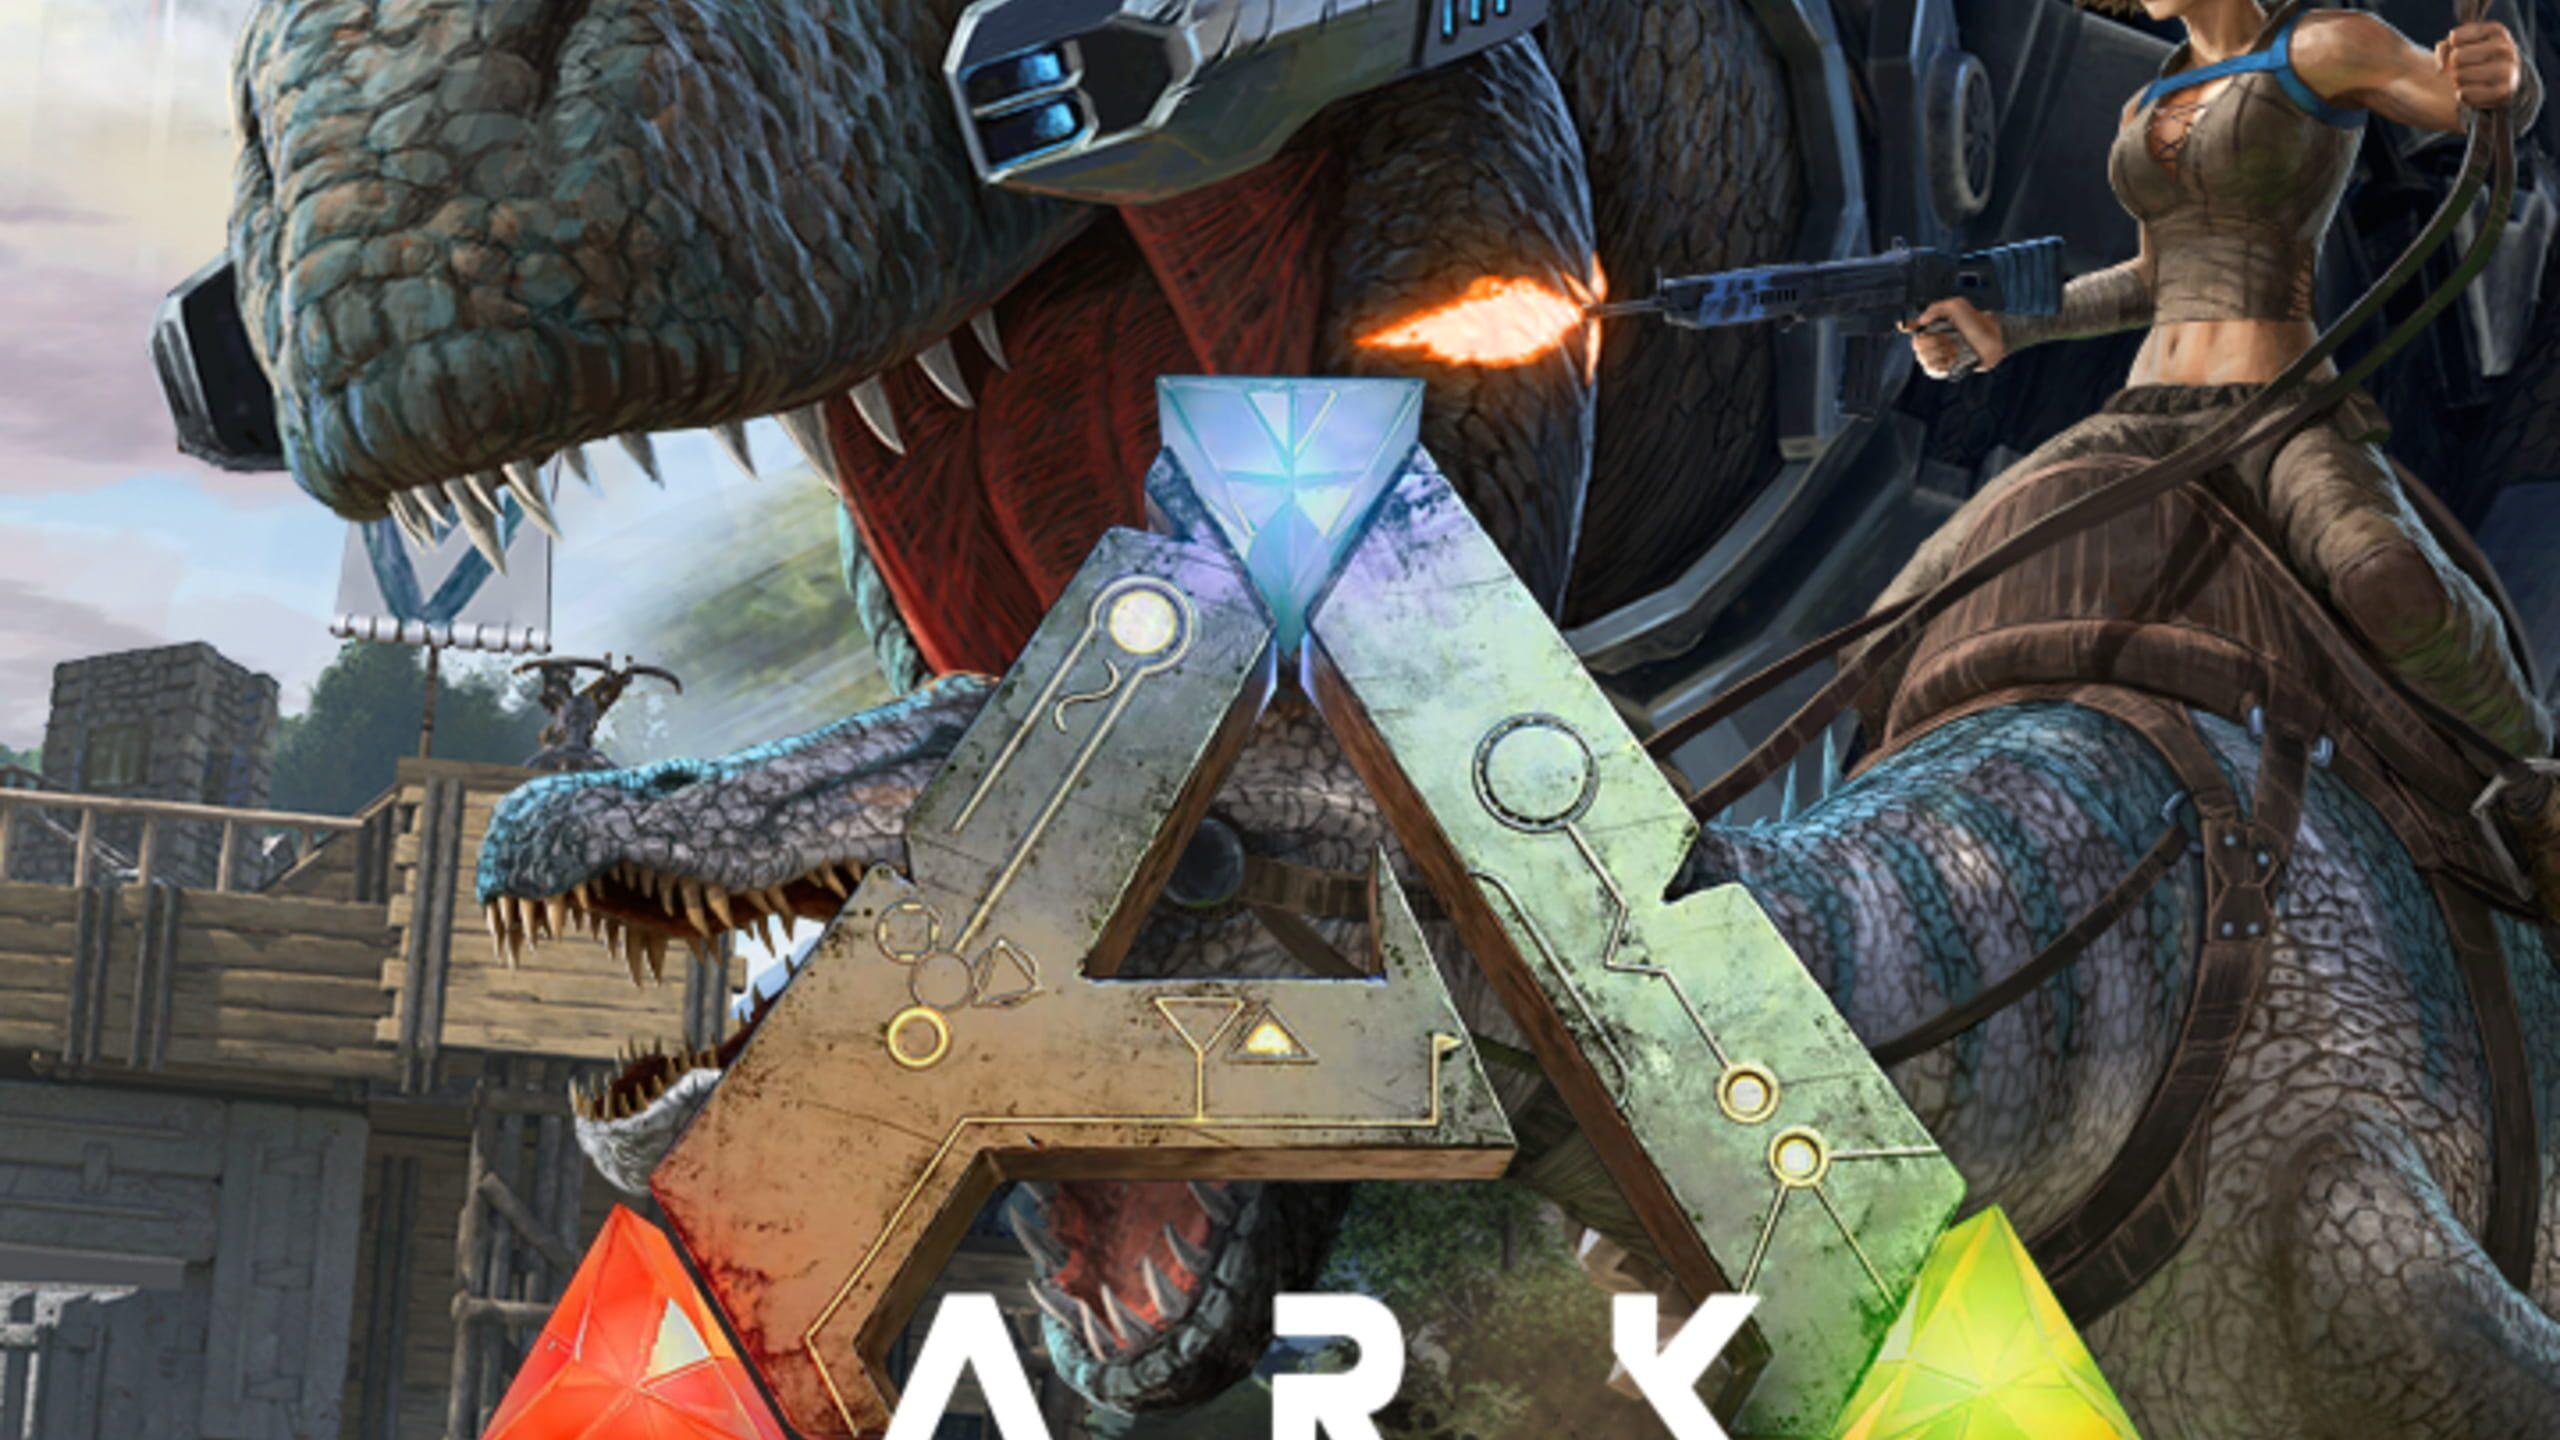 game cover art for ARK: Survival Evolved